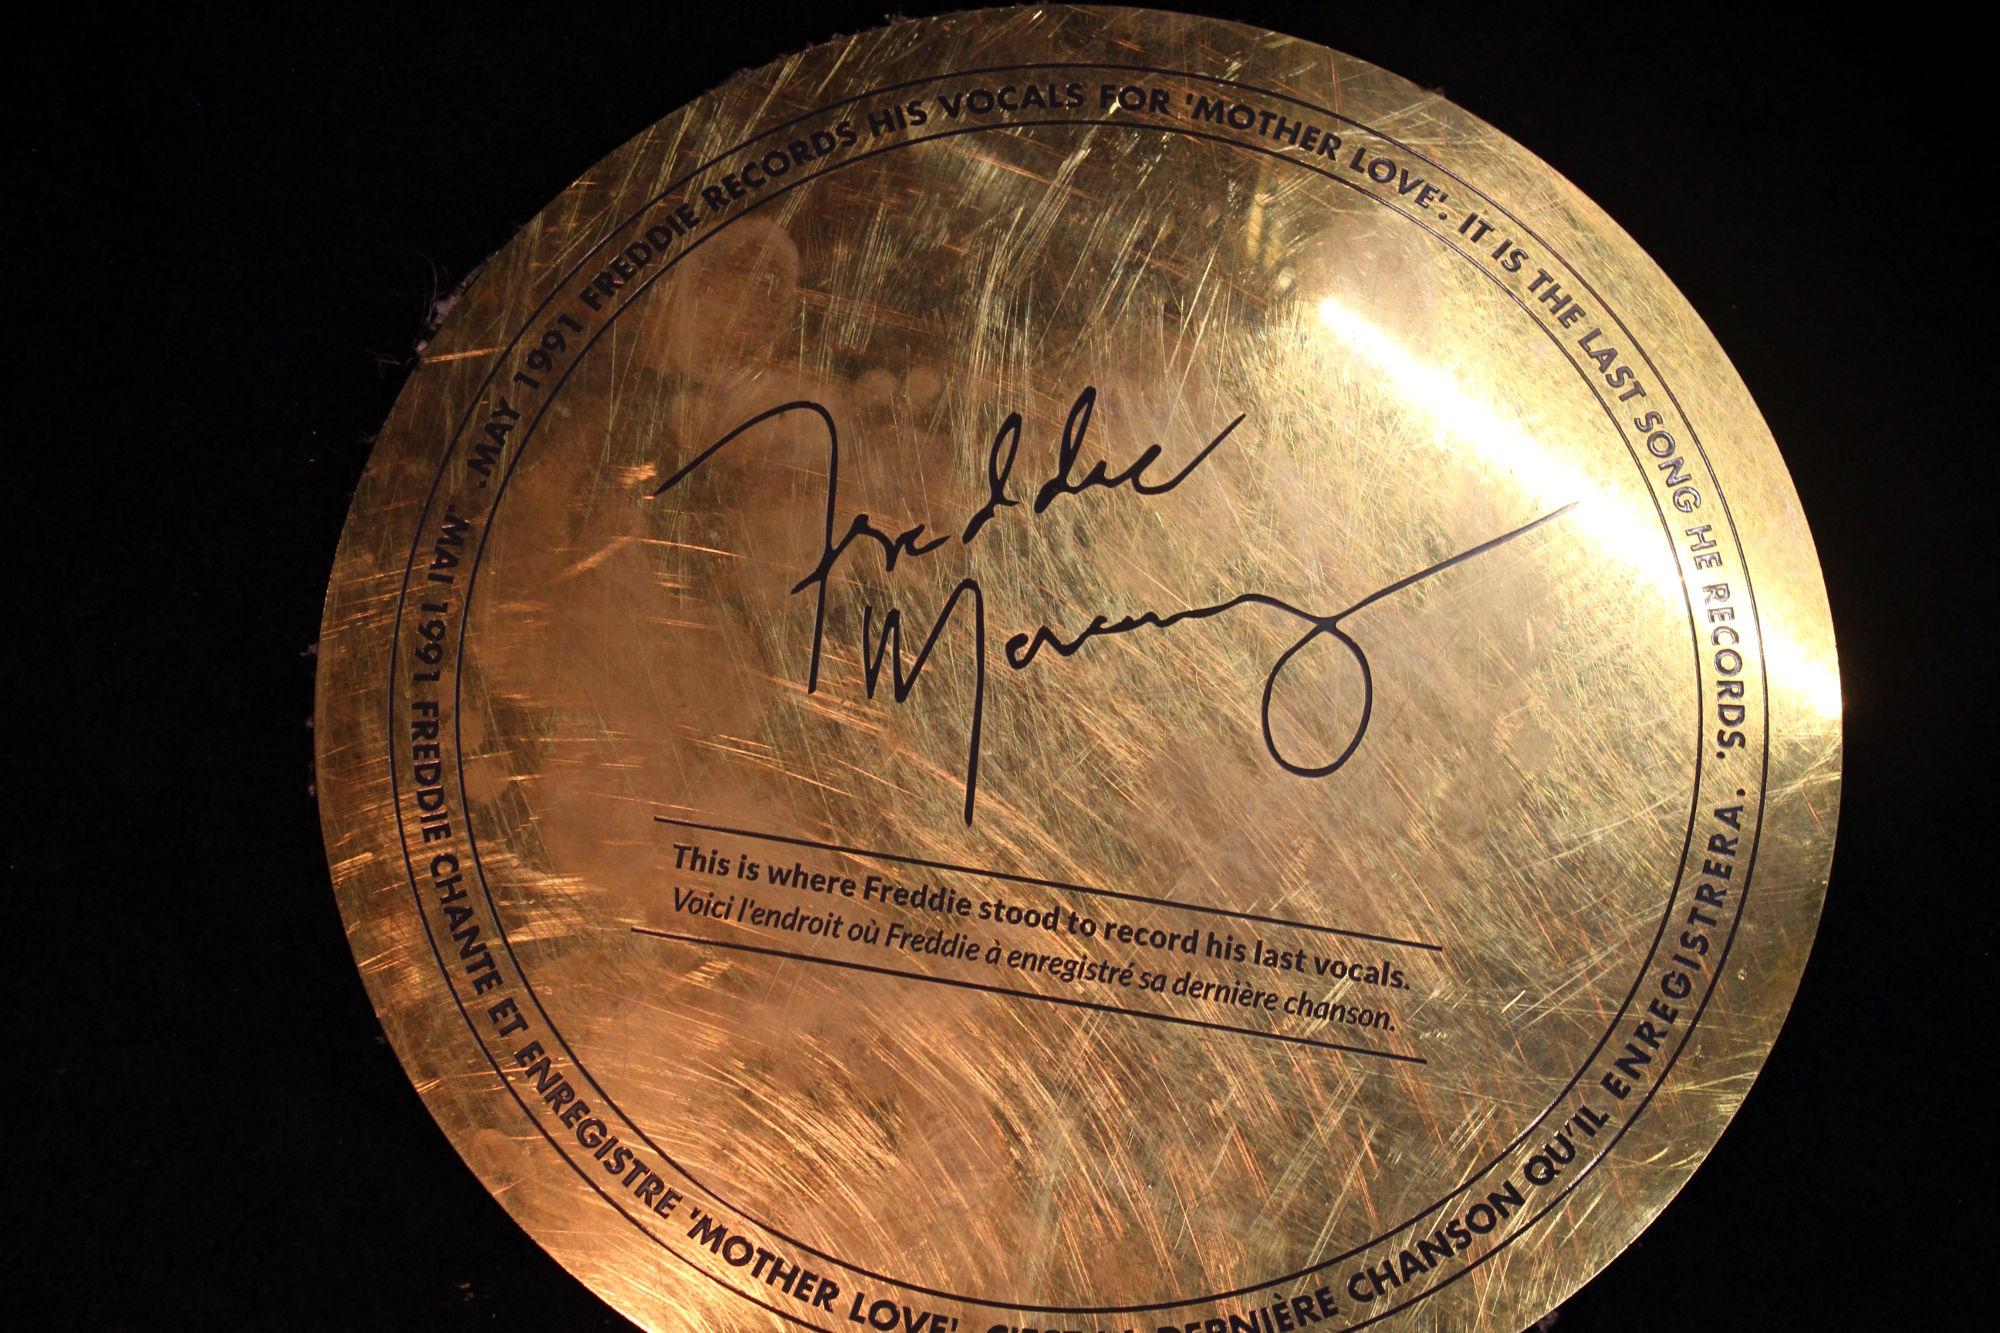 """Círculo dourado no chão do estúdio que indica o ponto exato em que Mercury gravou seu último vocal, em maio de 1991, na canção """"Mother Love"""" (foto: Eduardo Vessoni)"""